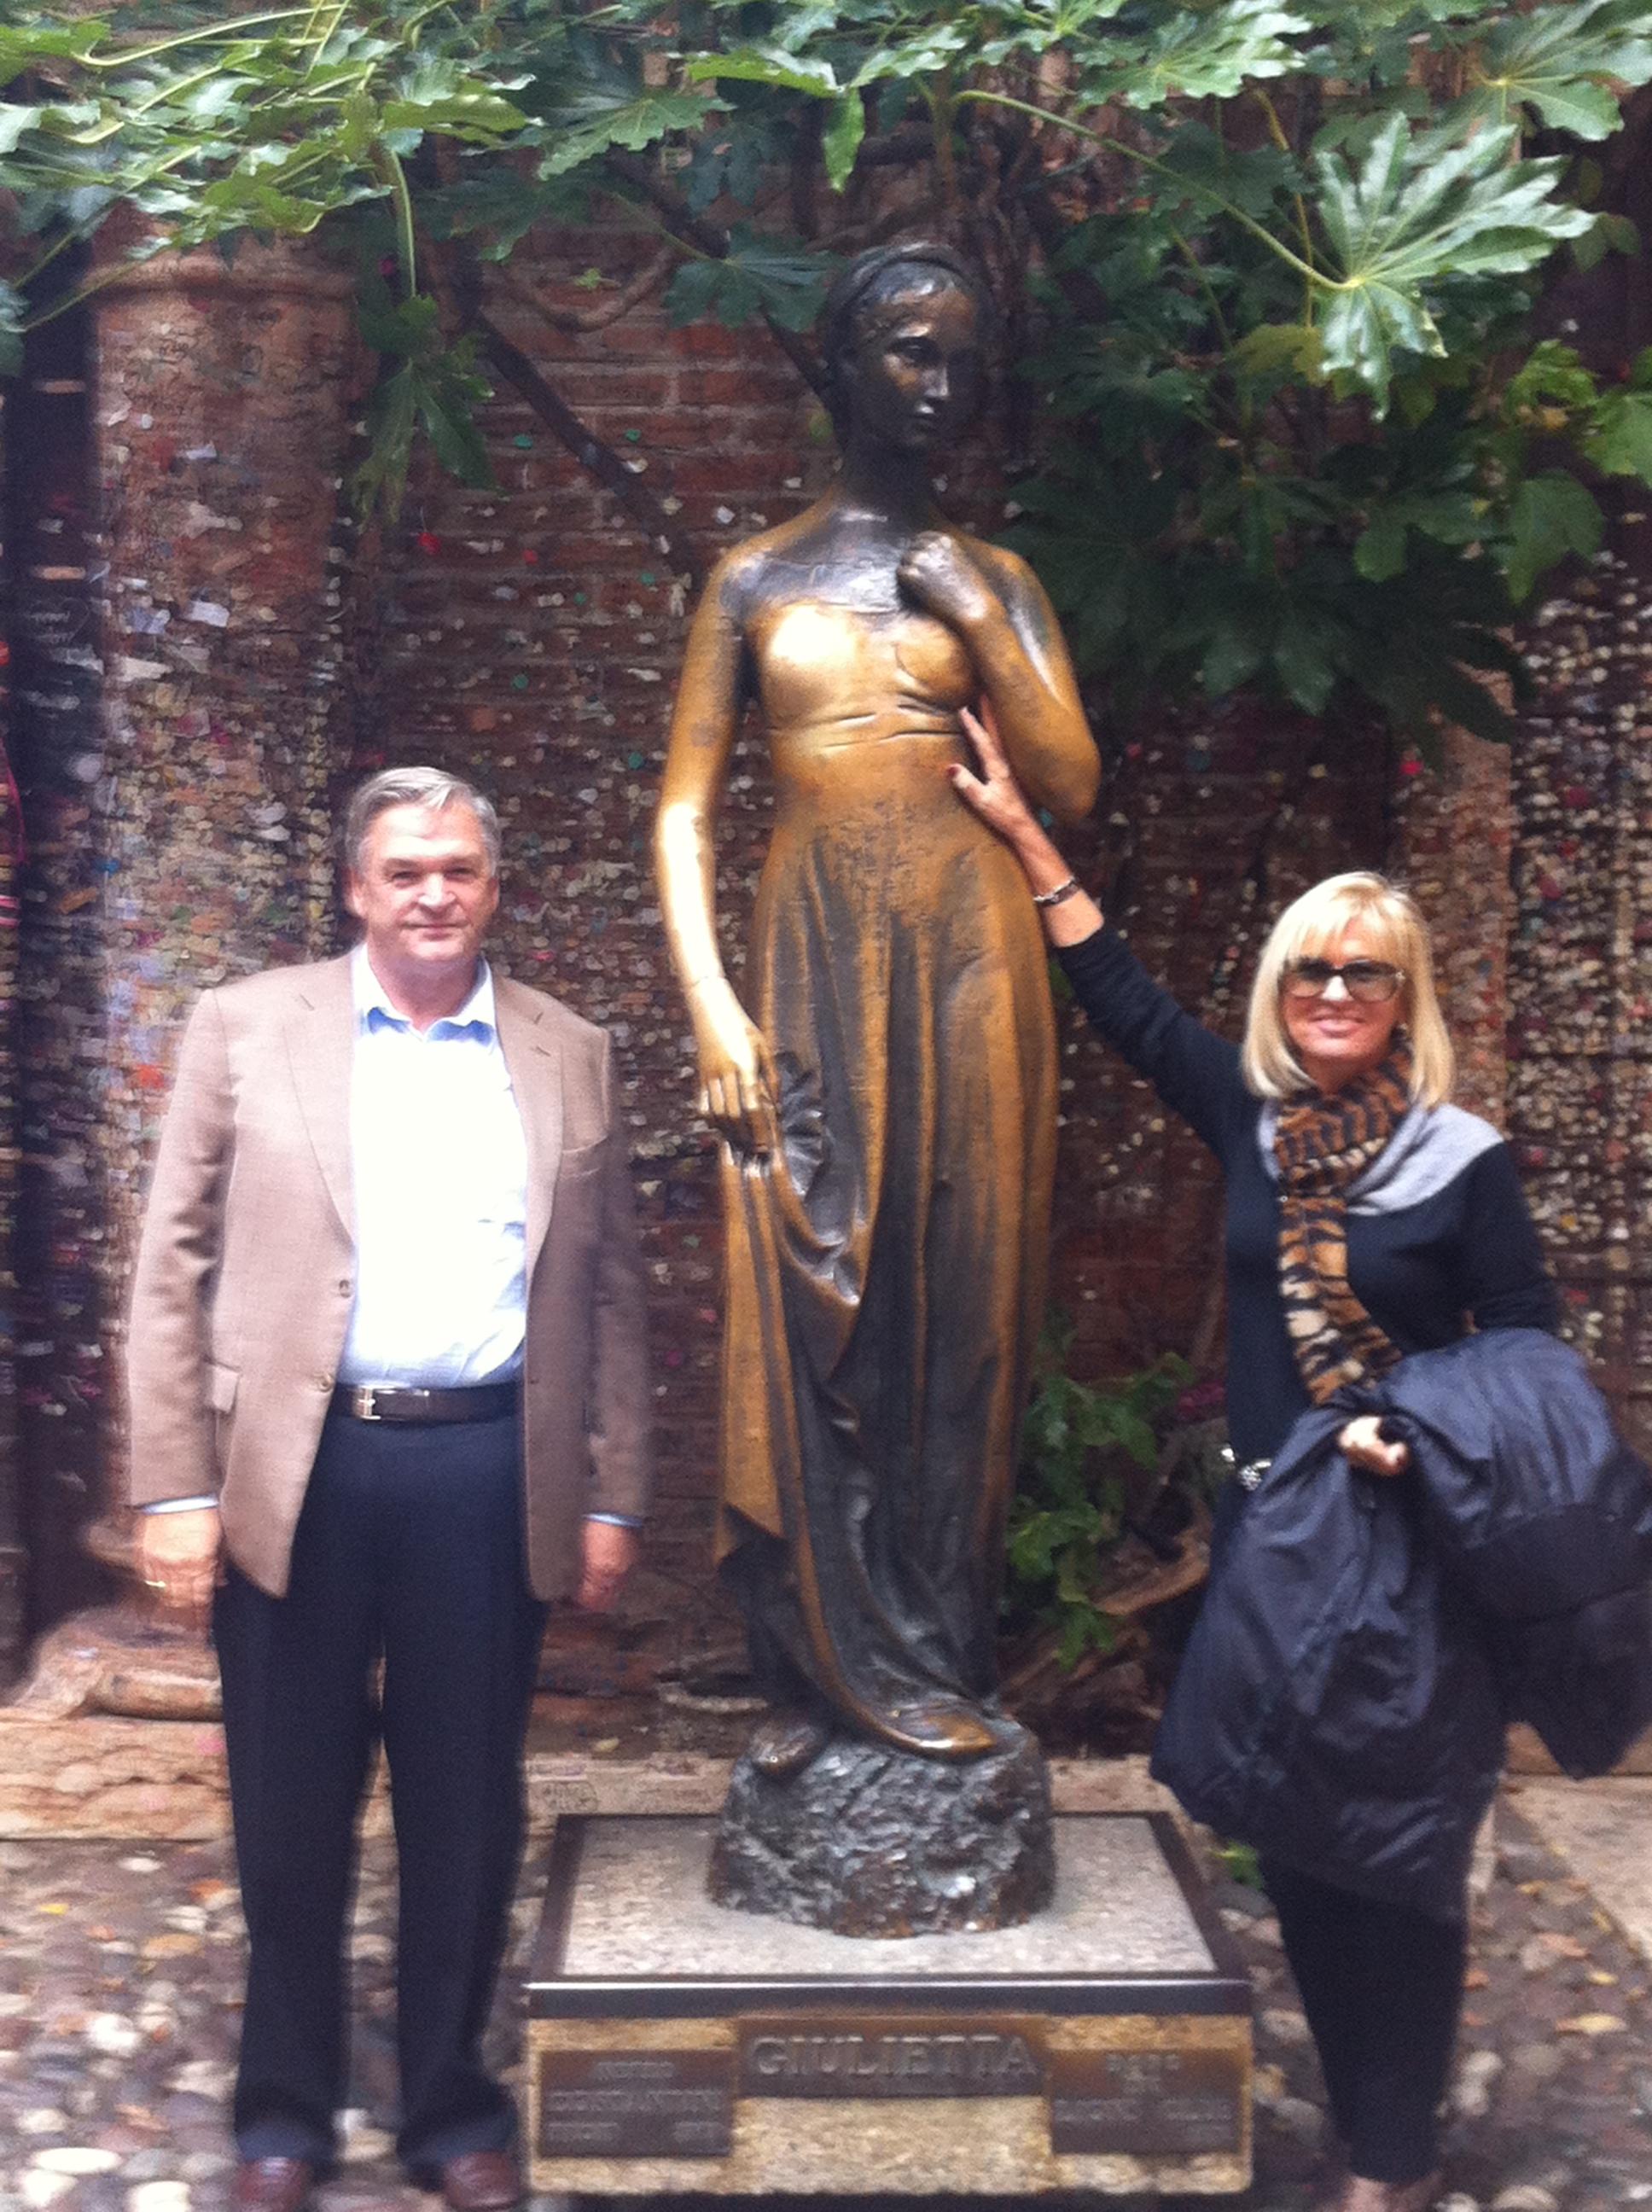 Ein Besuch bei Romeo und Julia in Verona bringt Glück